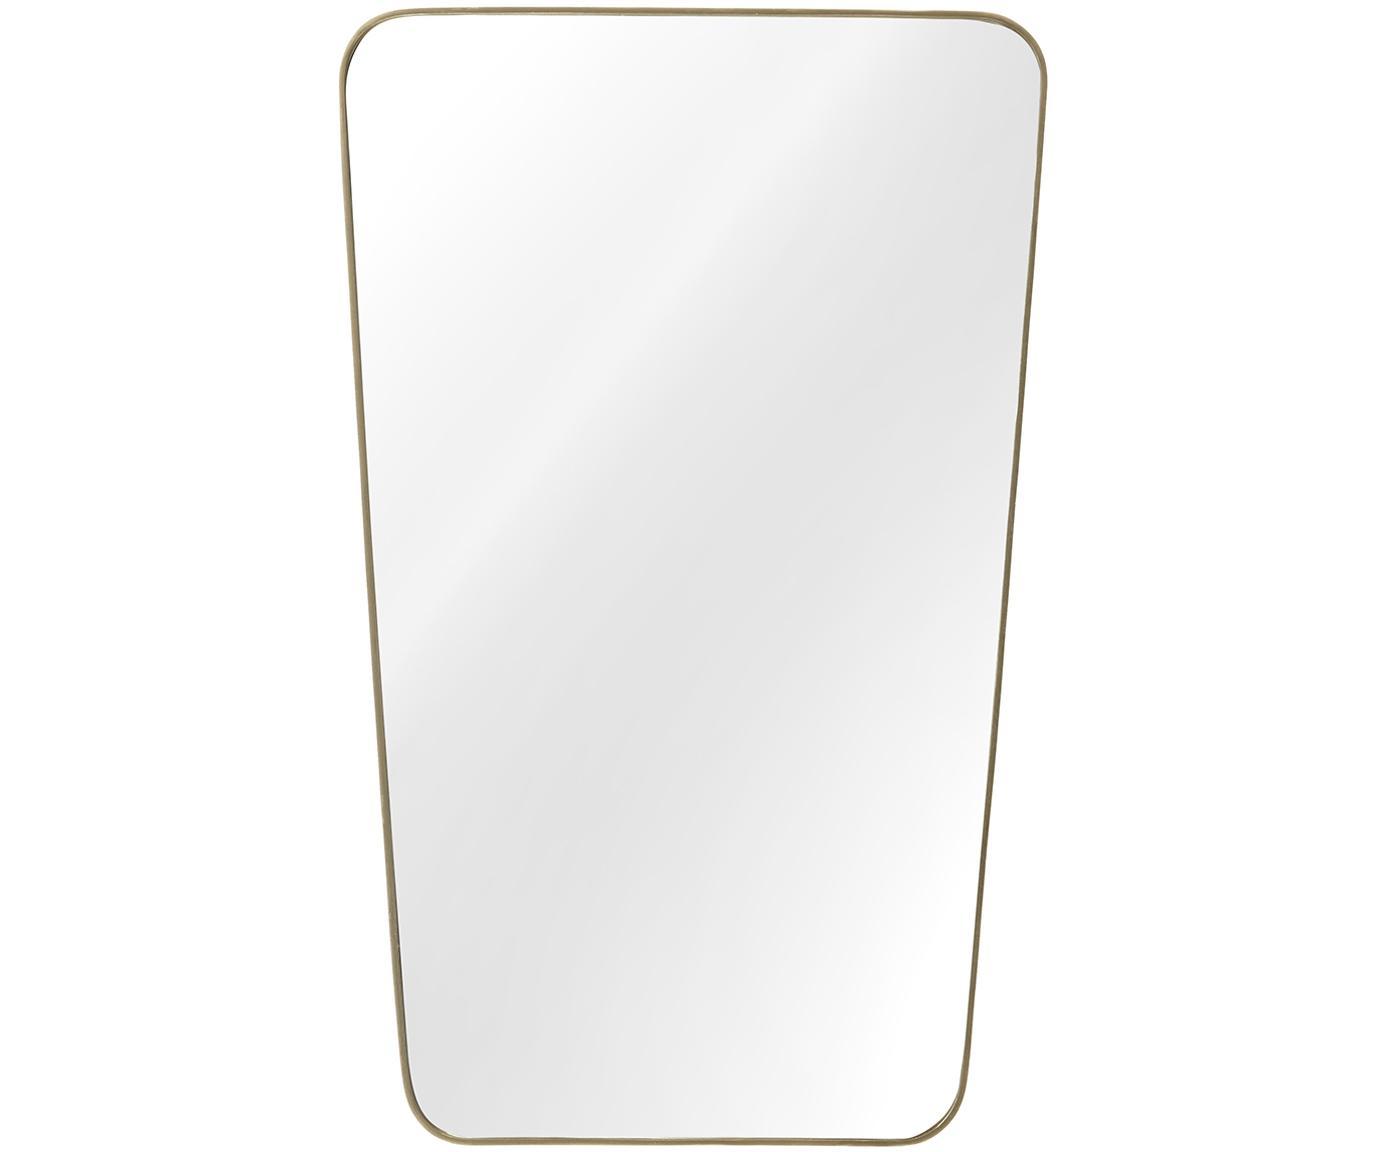 Wandspiegel Adrienne, Frame: vermessingd metaal, Messingkleurig, 50 x 80 cm